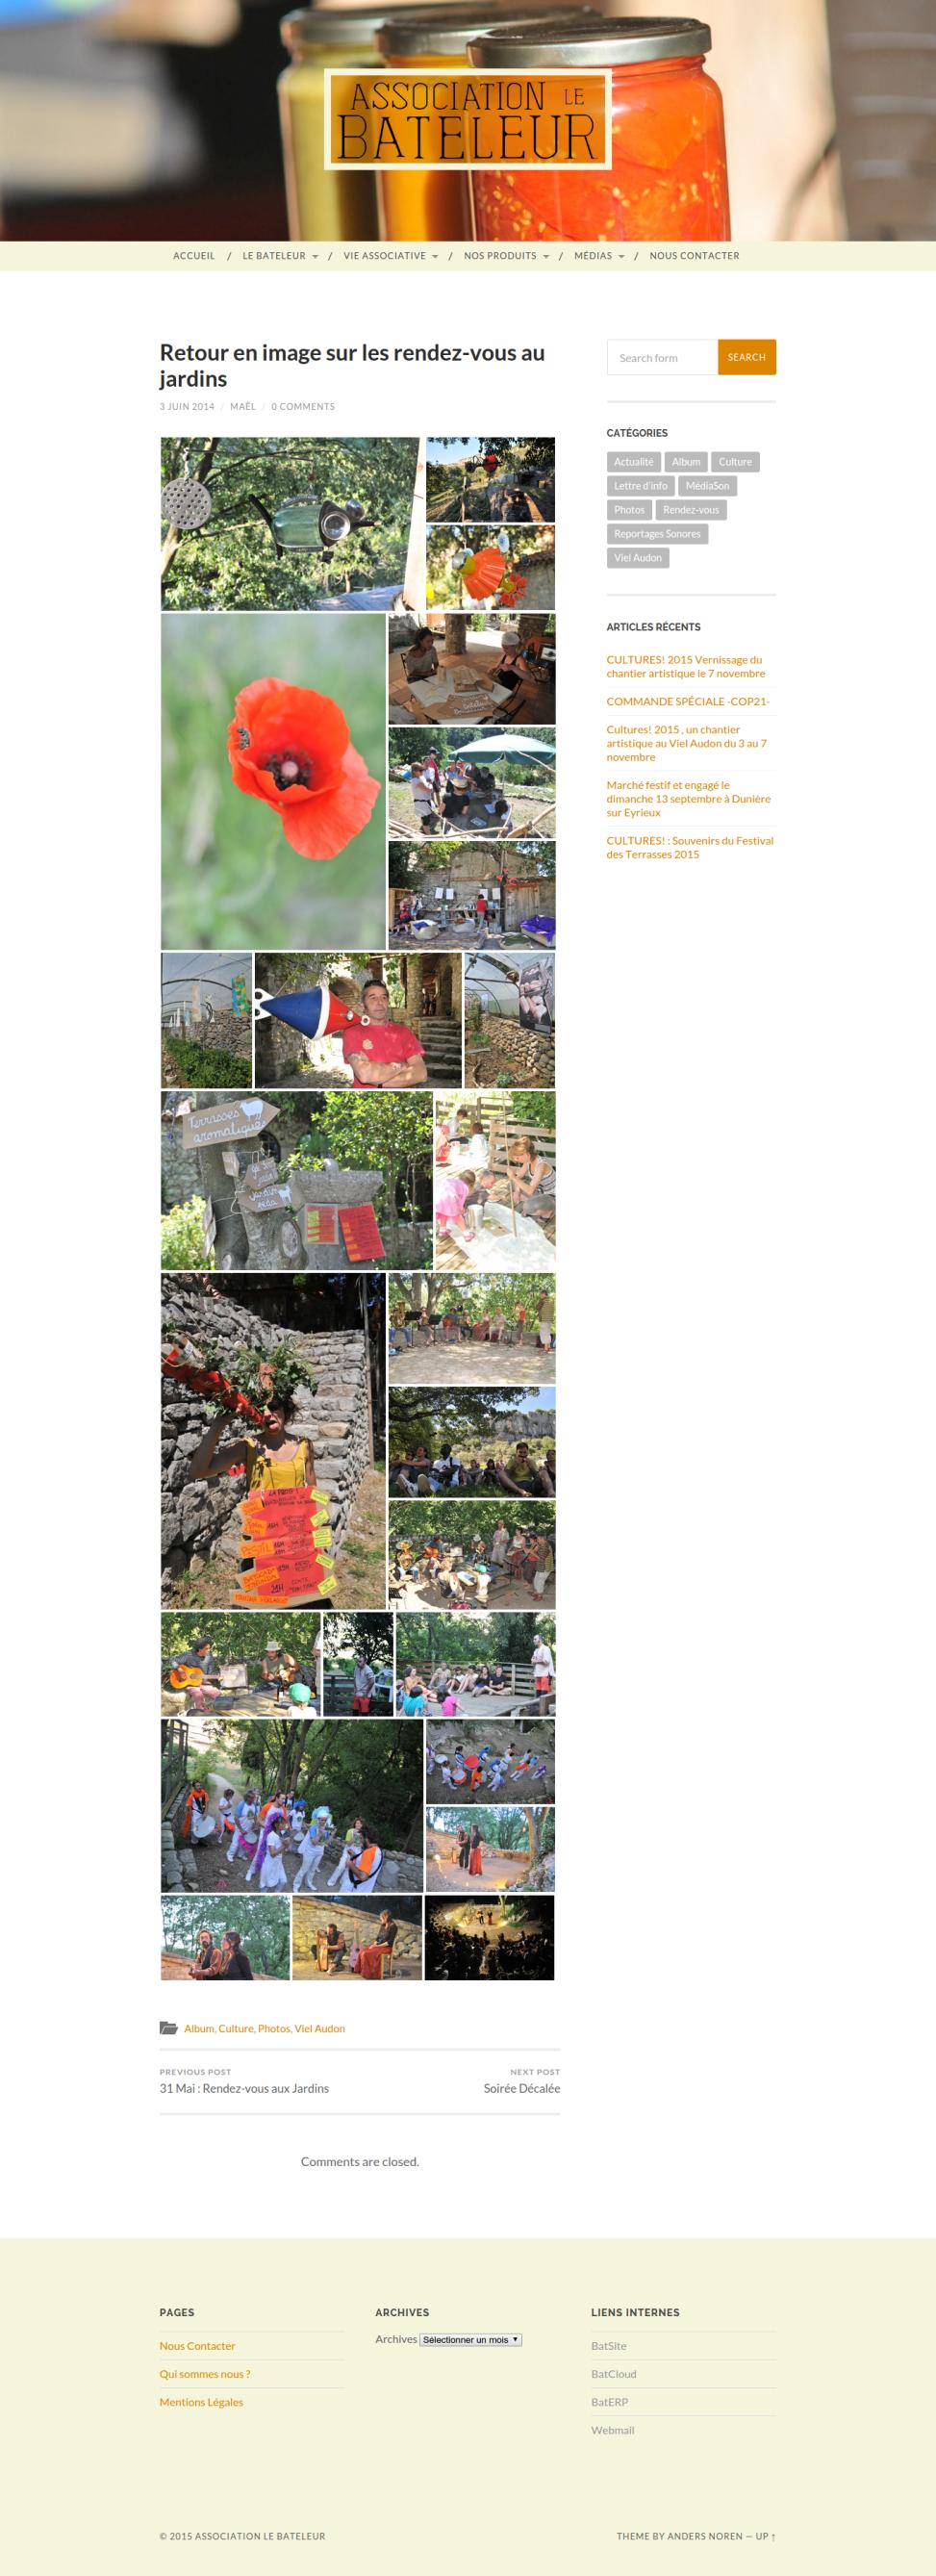 Site internet du Bateleur - Album Photos